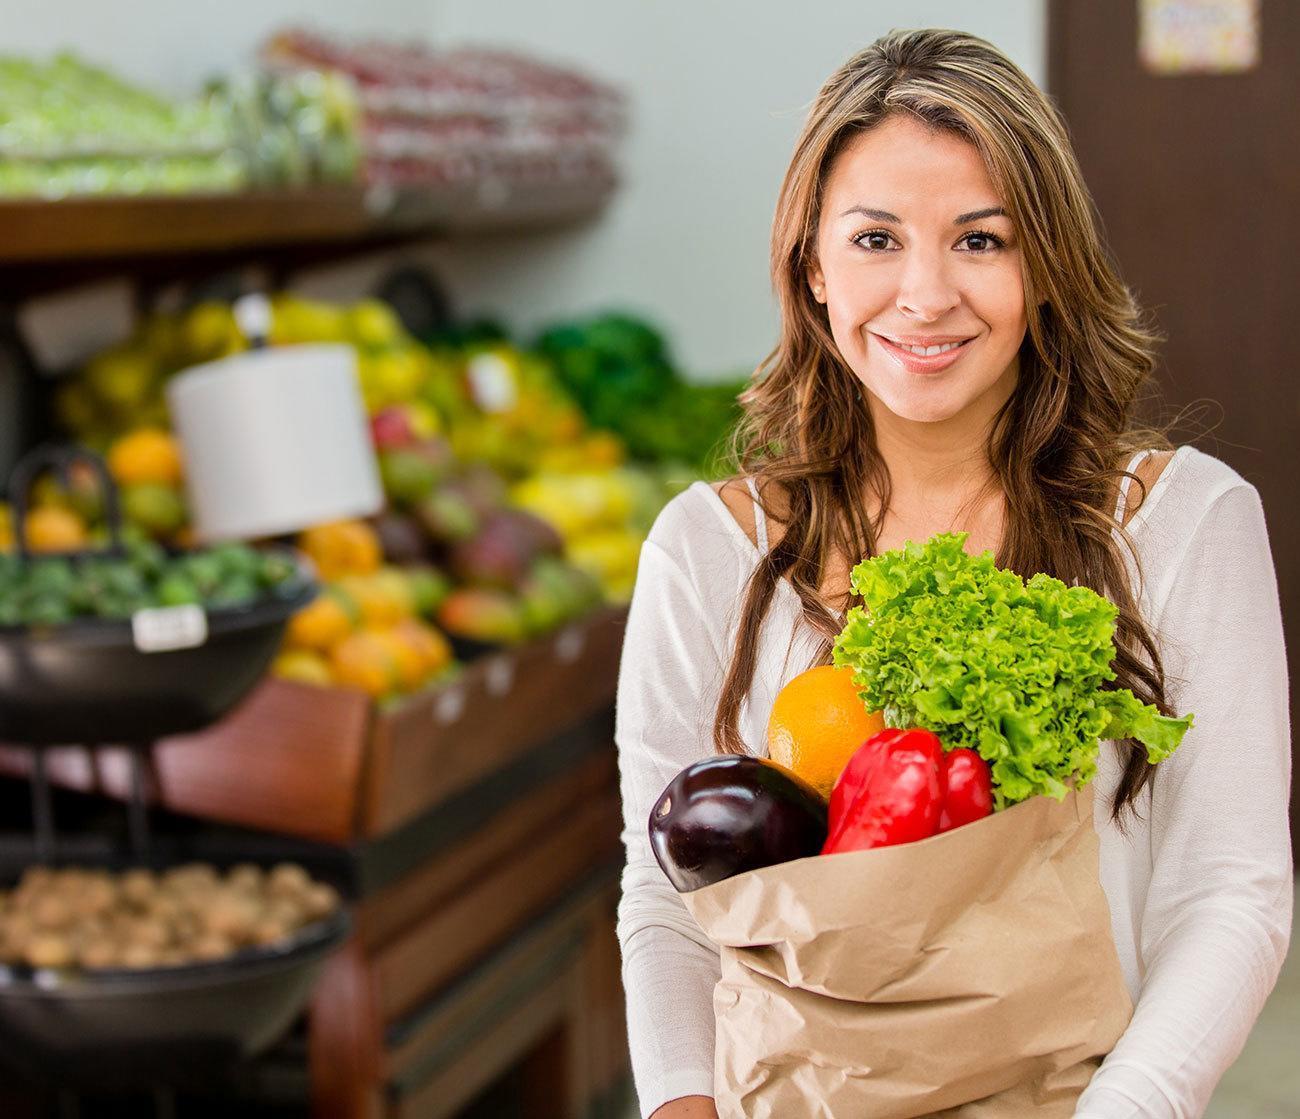 Imunonutrição: a dieta que pode fortalecer o sistema imunológico